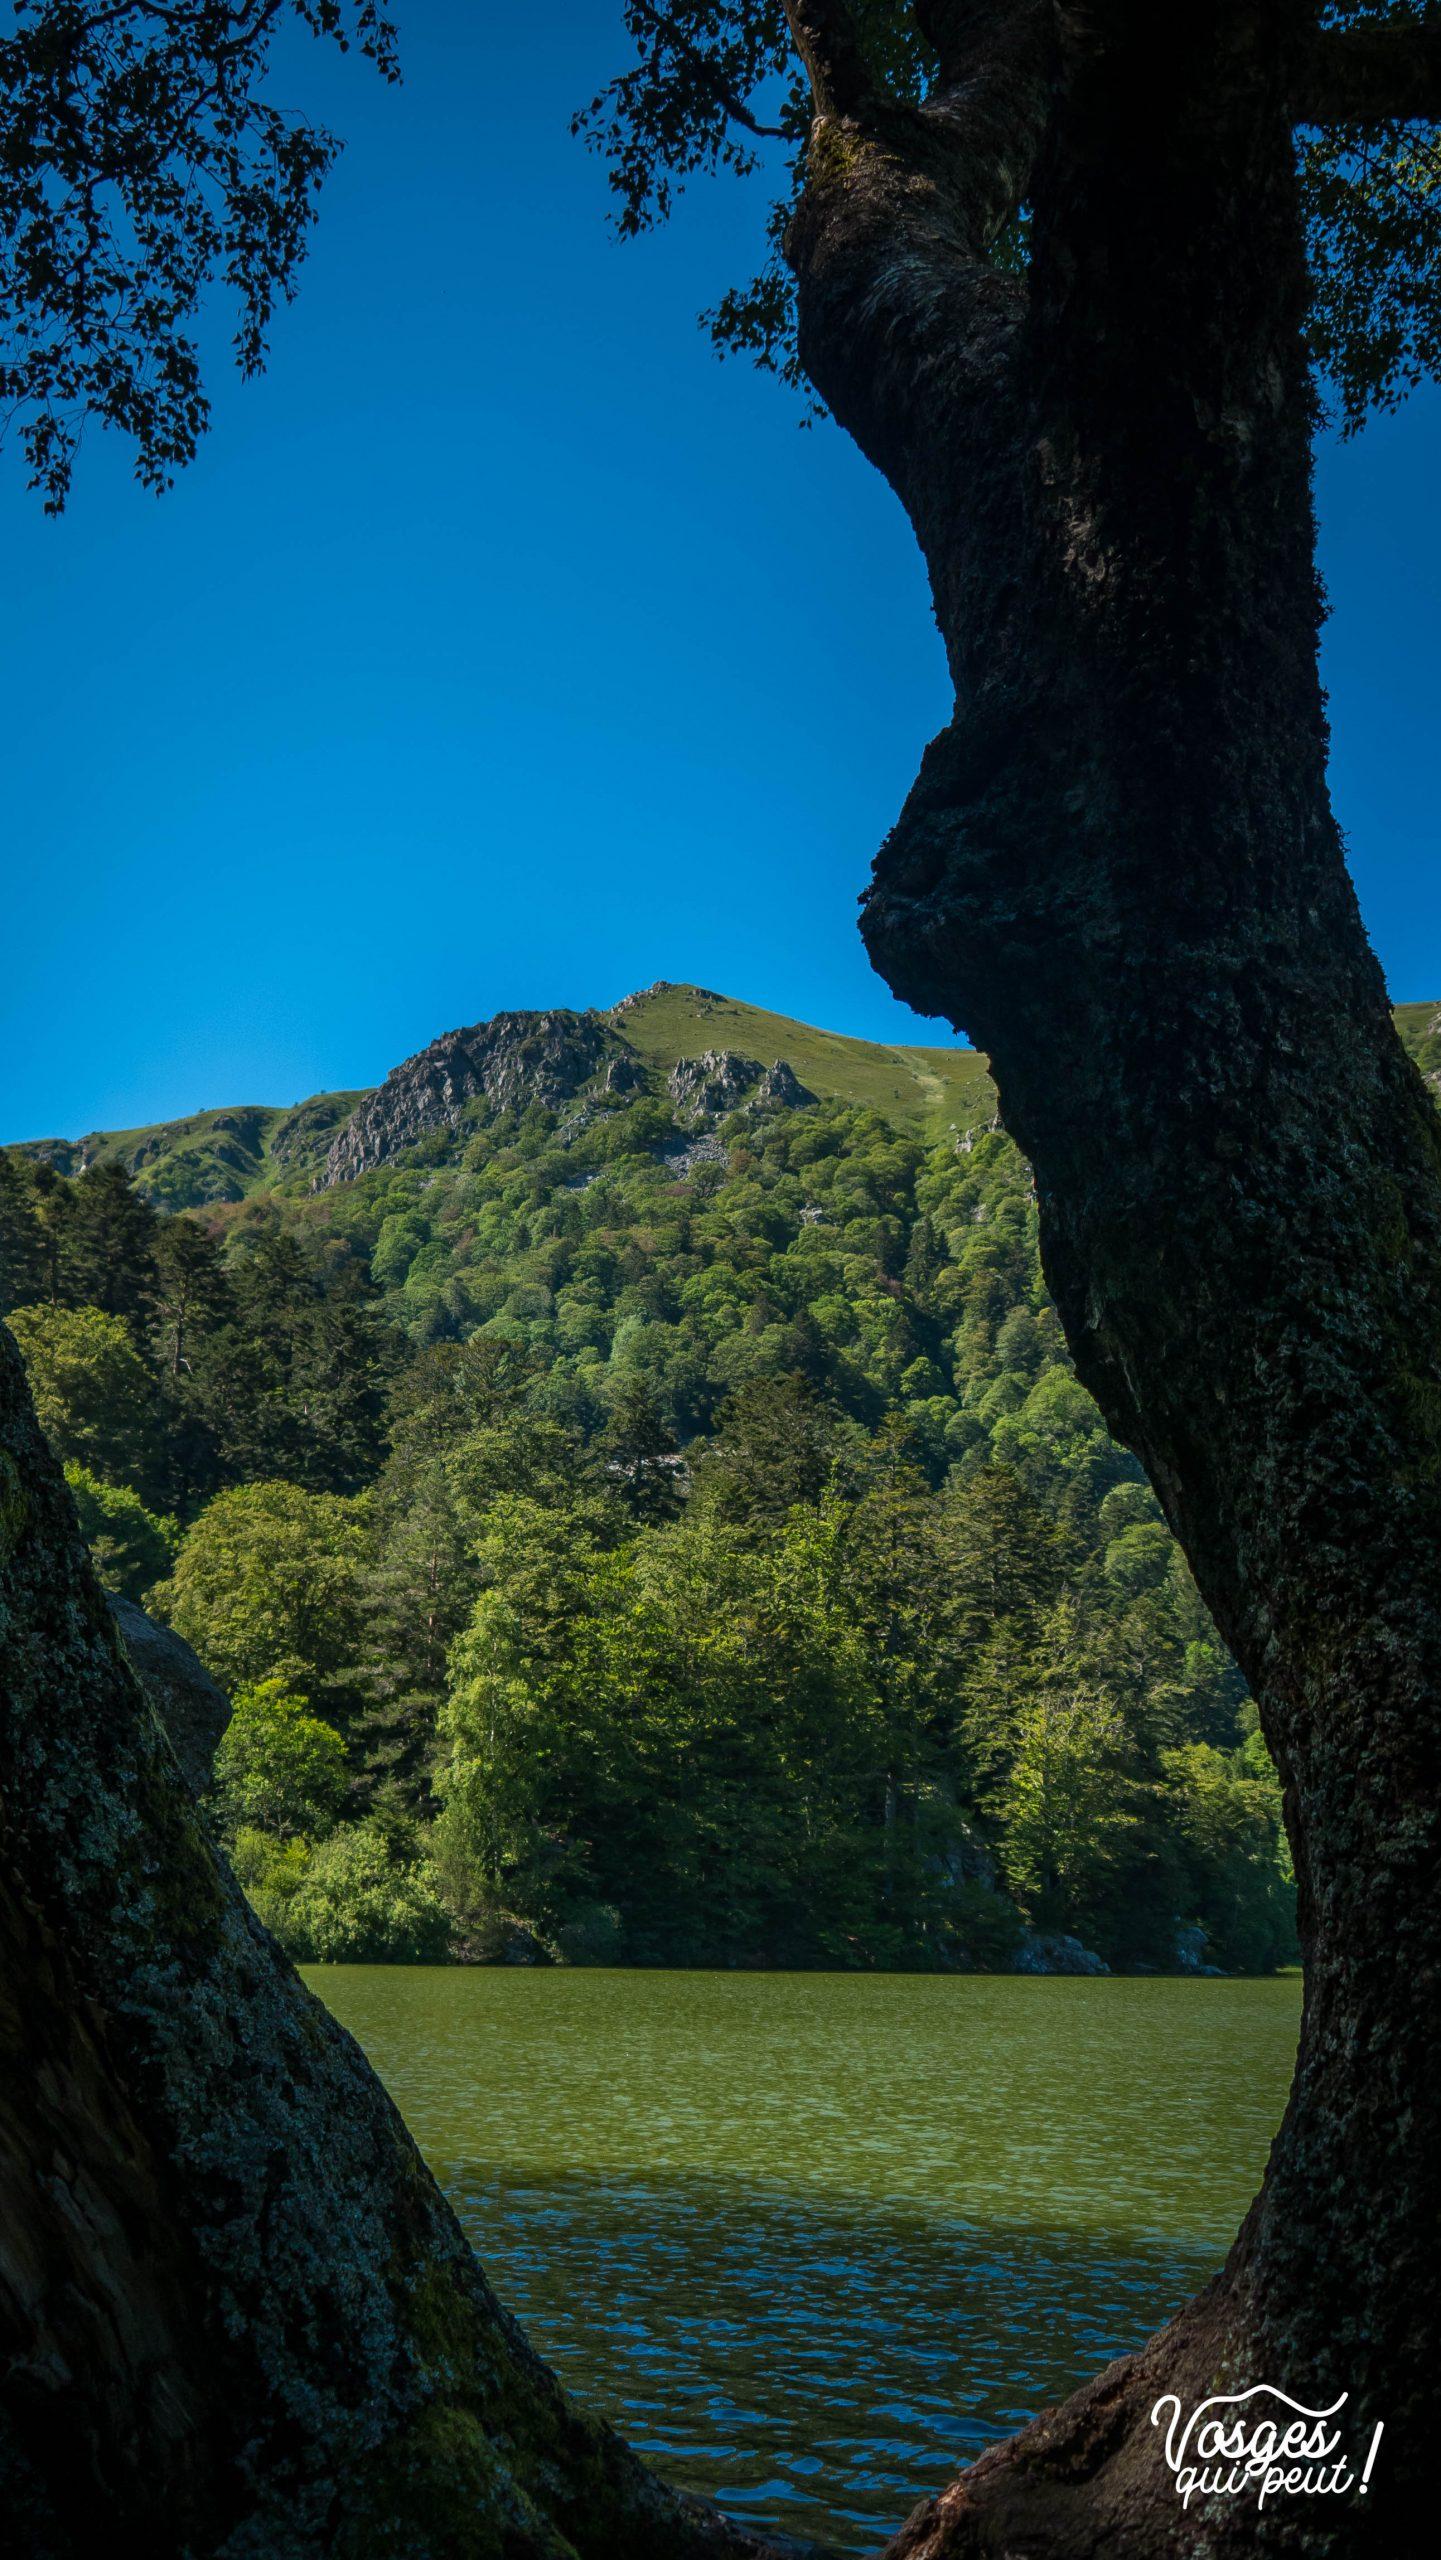 Vue sur le lac du Schiessrothried dans les Vosges au pied du Hohneck